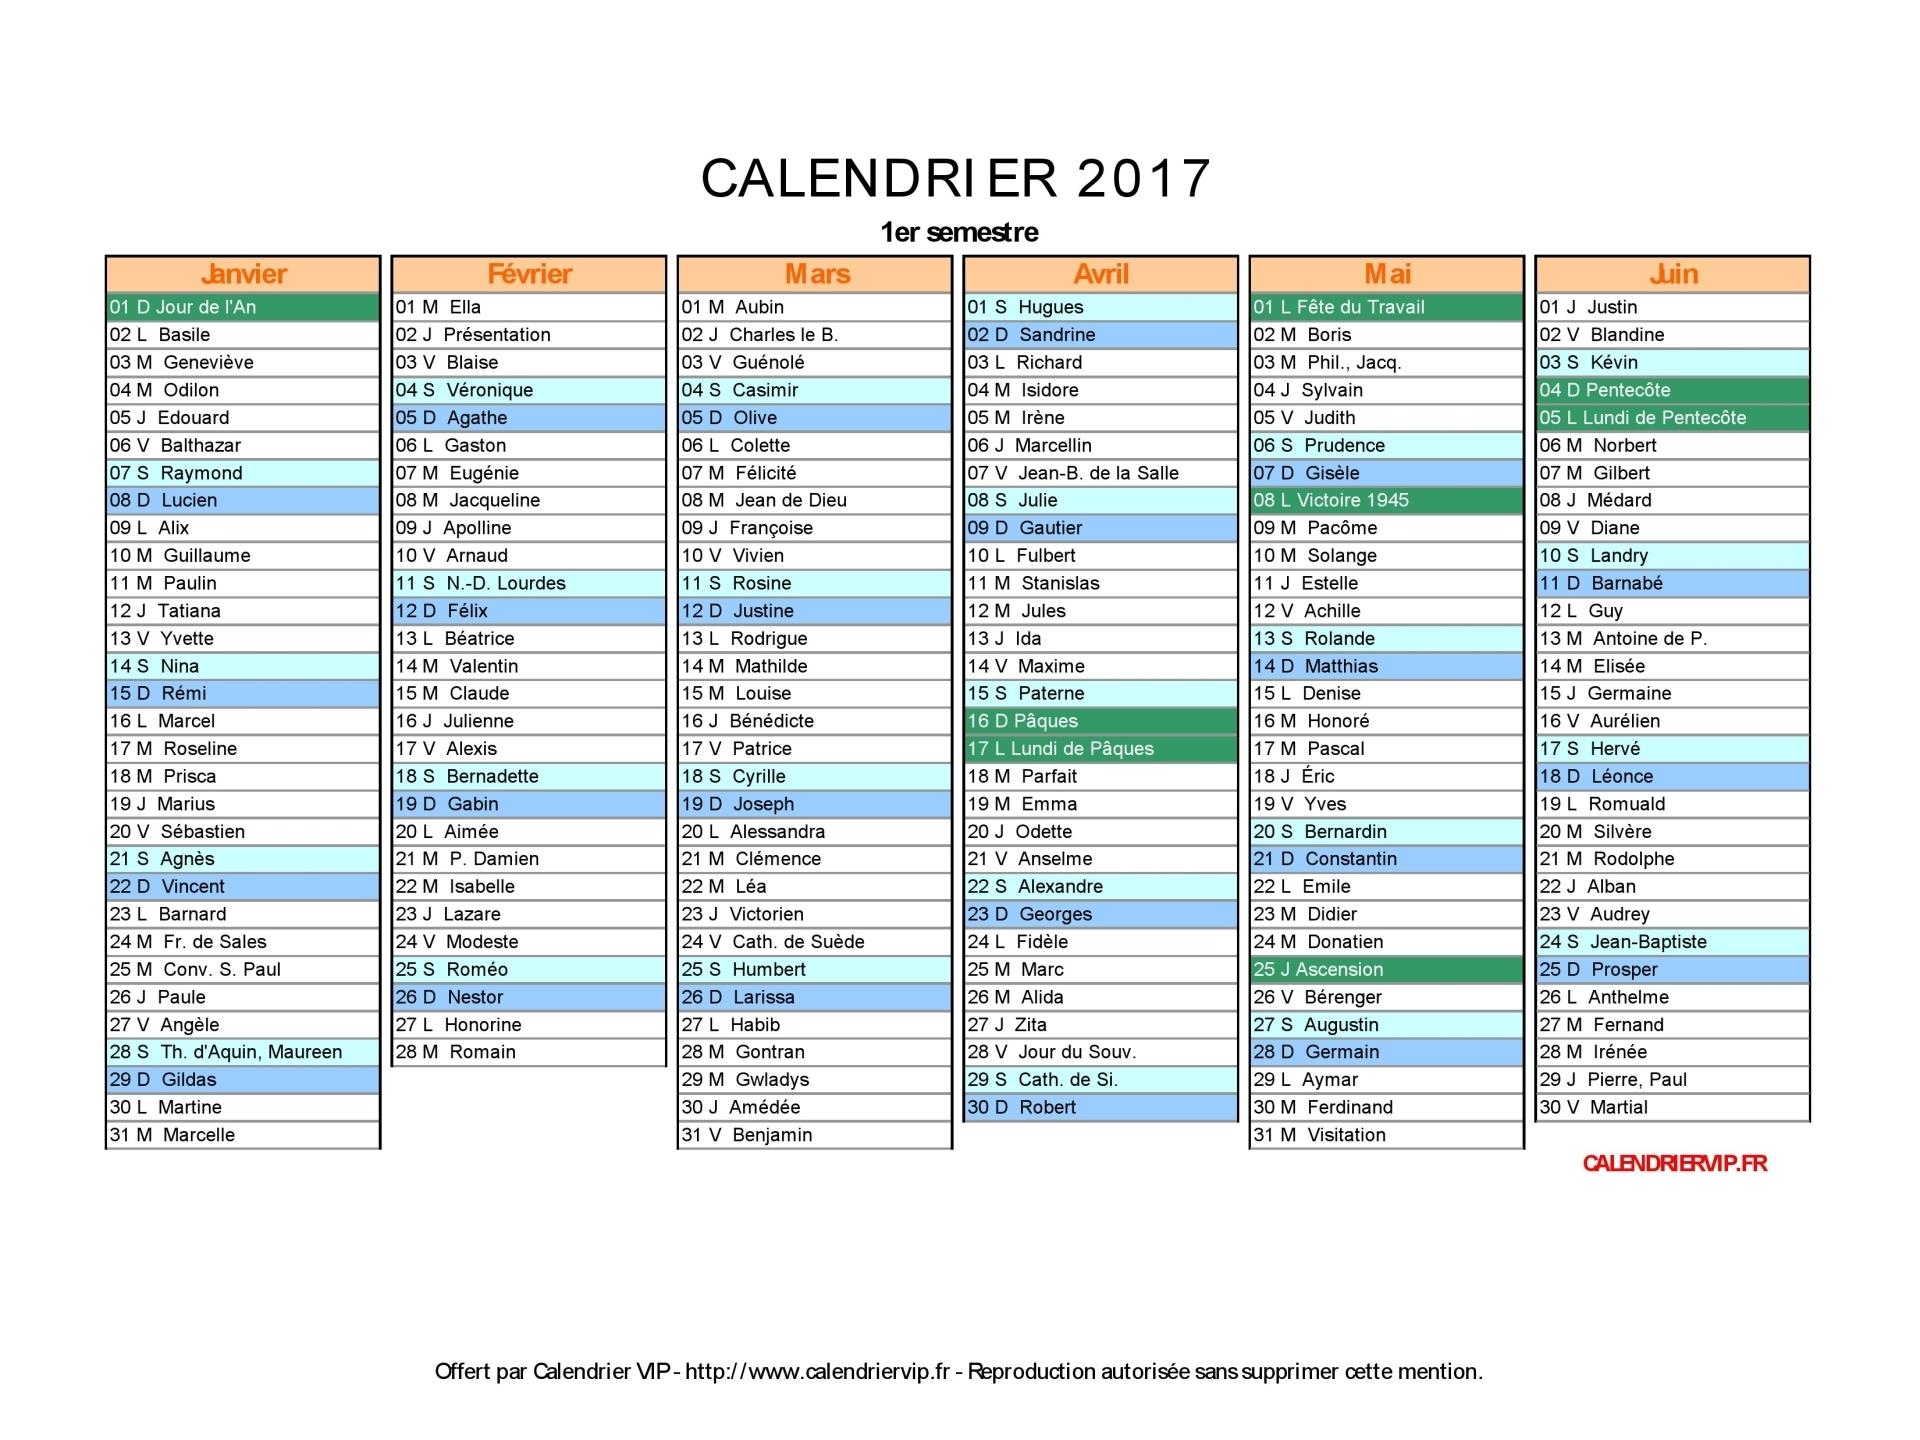 Calendrier 2017 paire impaire